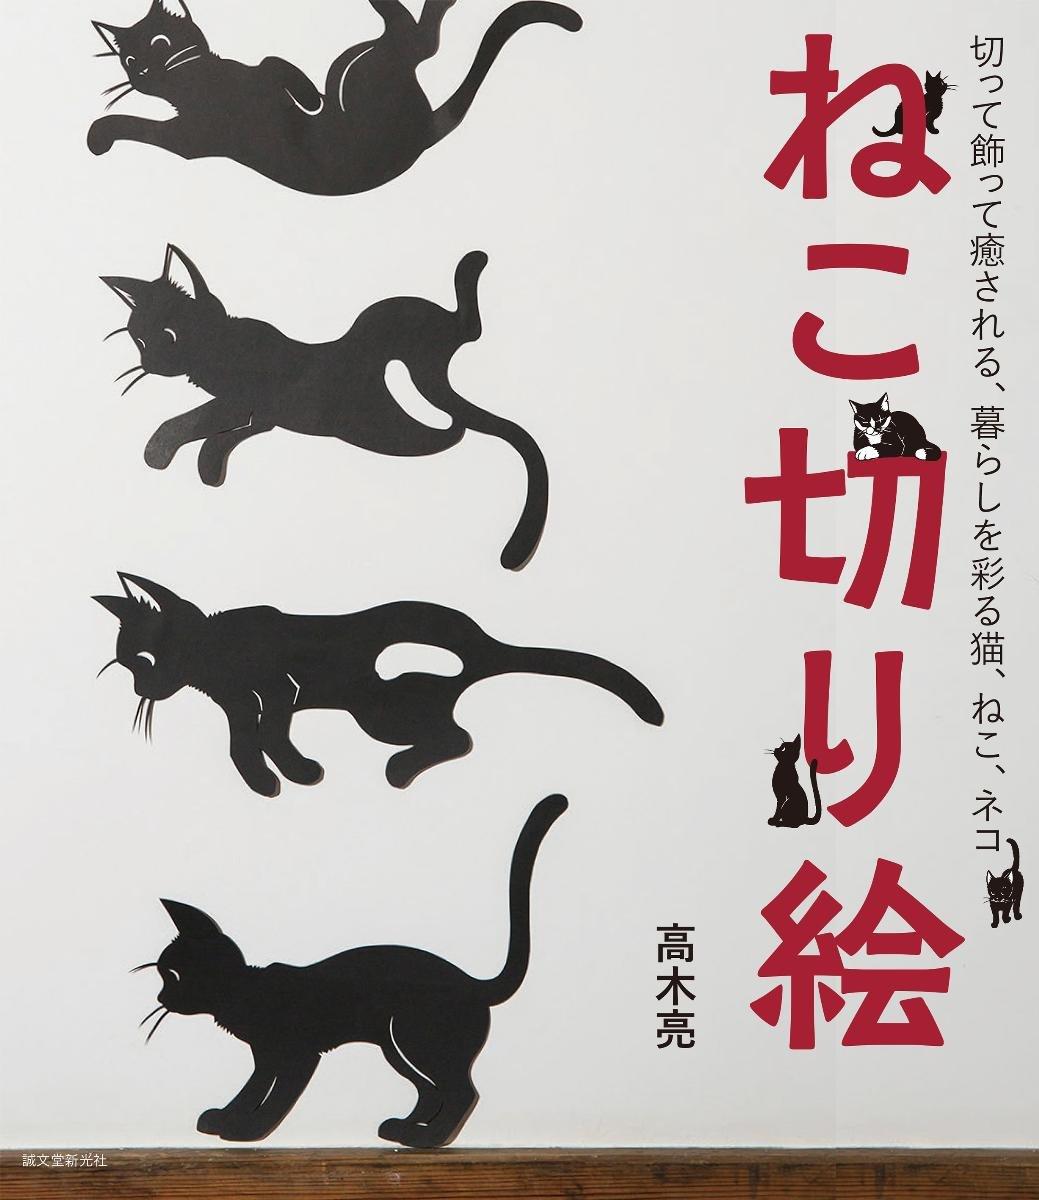 ねこ切り絵: 切って飾って癒される、暮らしを彩る猫、ねこ、ネコ | 高木 亮 |本 | 通販 | Amazon